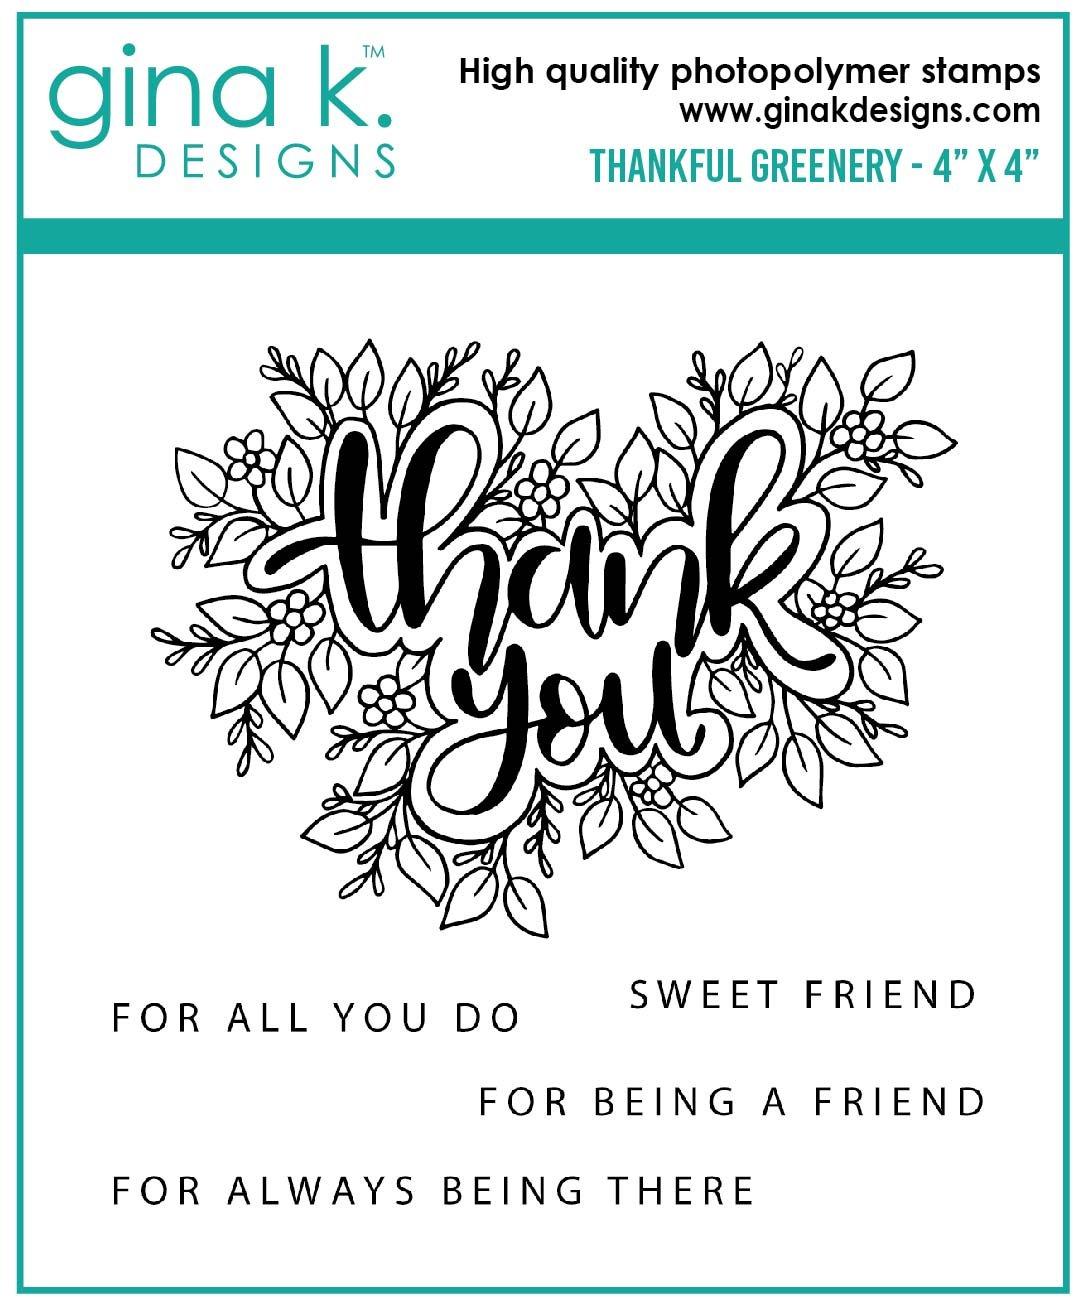 Gina K. Designs Thank You Greenery Stamp Set